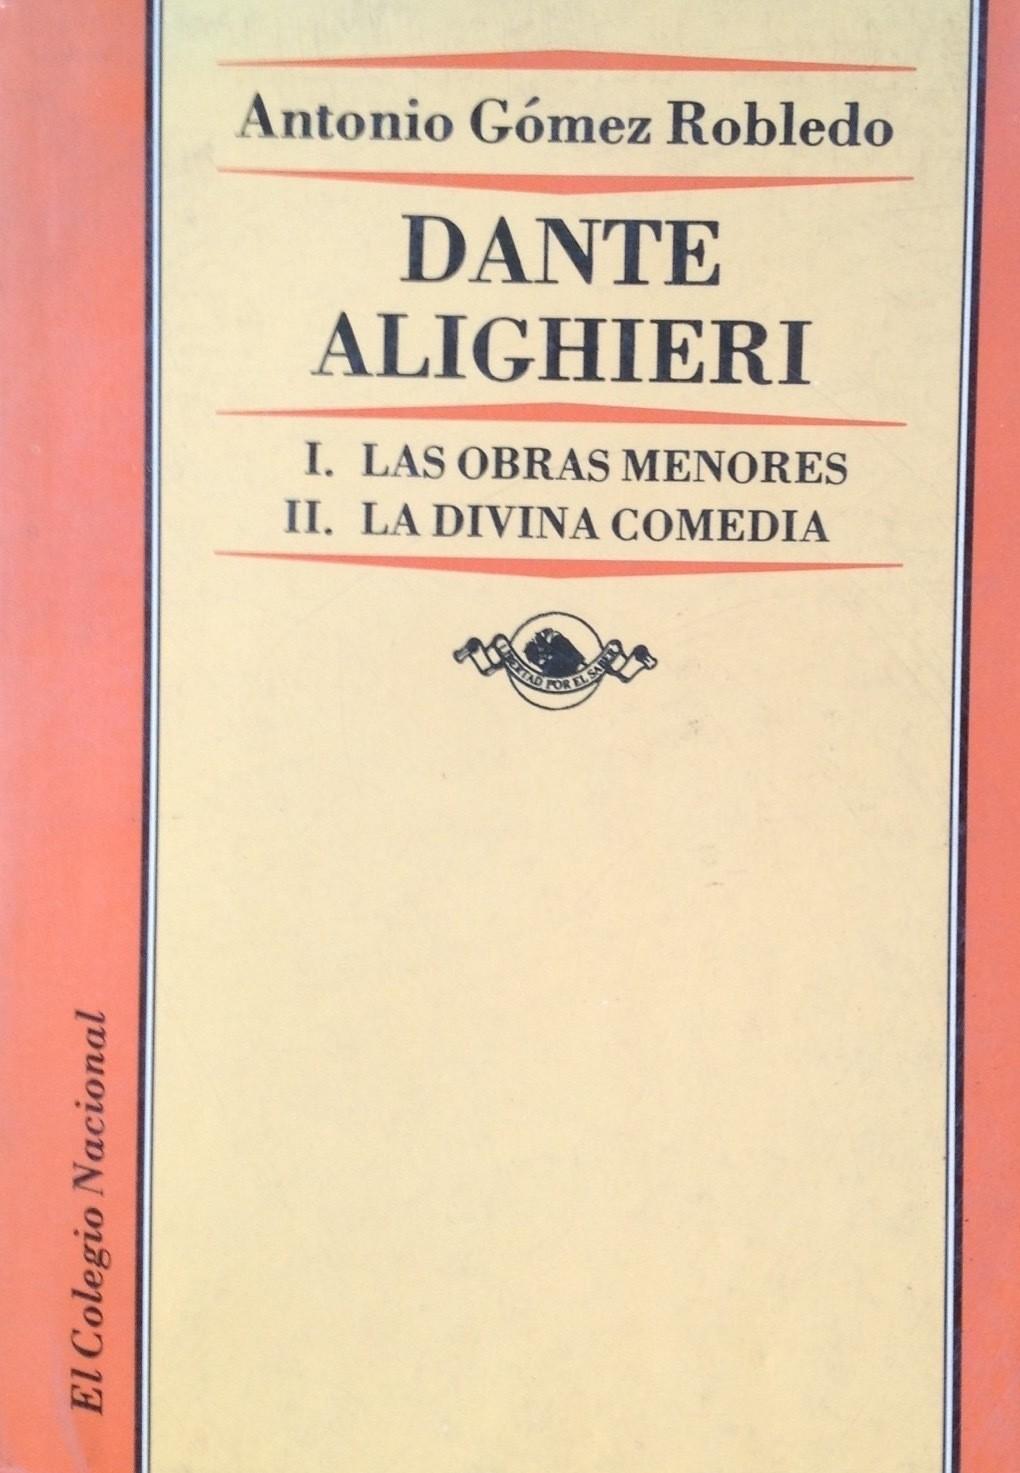 Antonio Gómez Robledo, Dante Alighieri